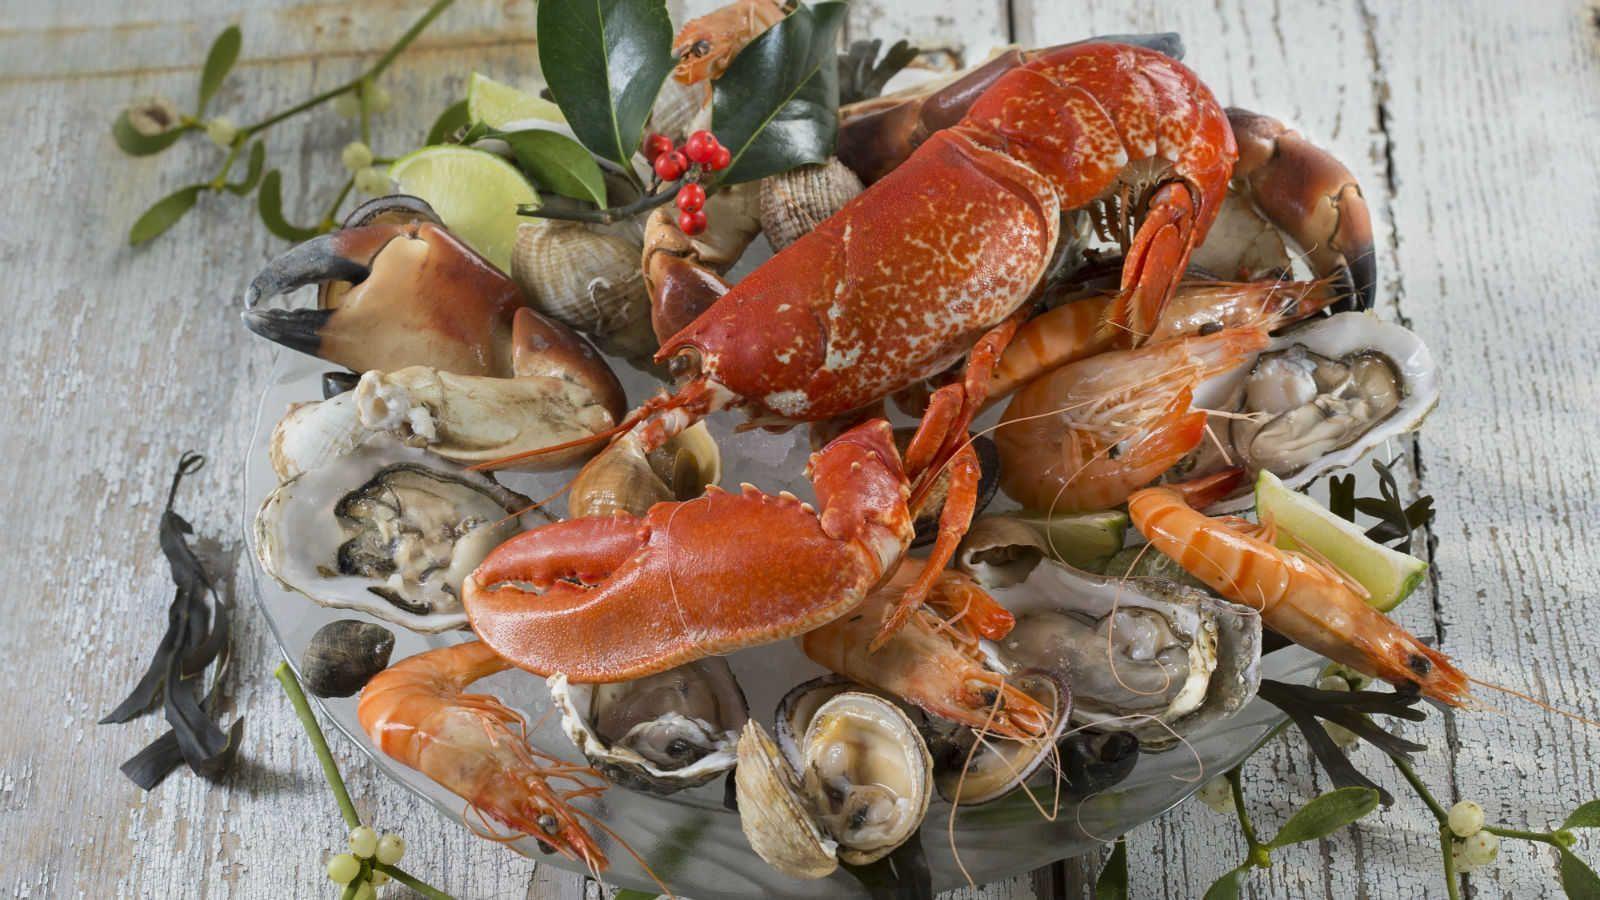 Com carnes delicadas, os frutos do mar são saudáveis e ricos em vitaminas